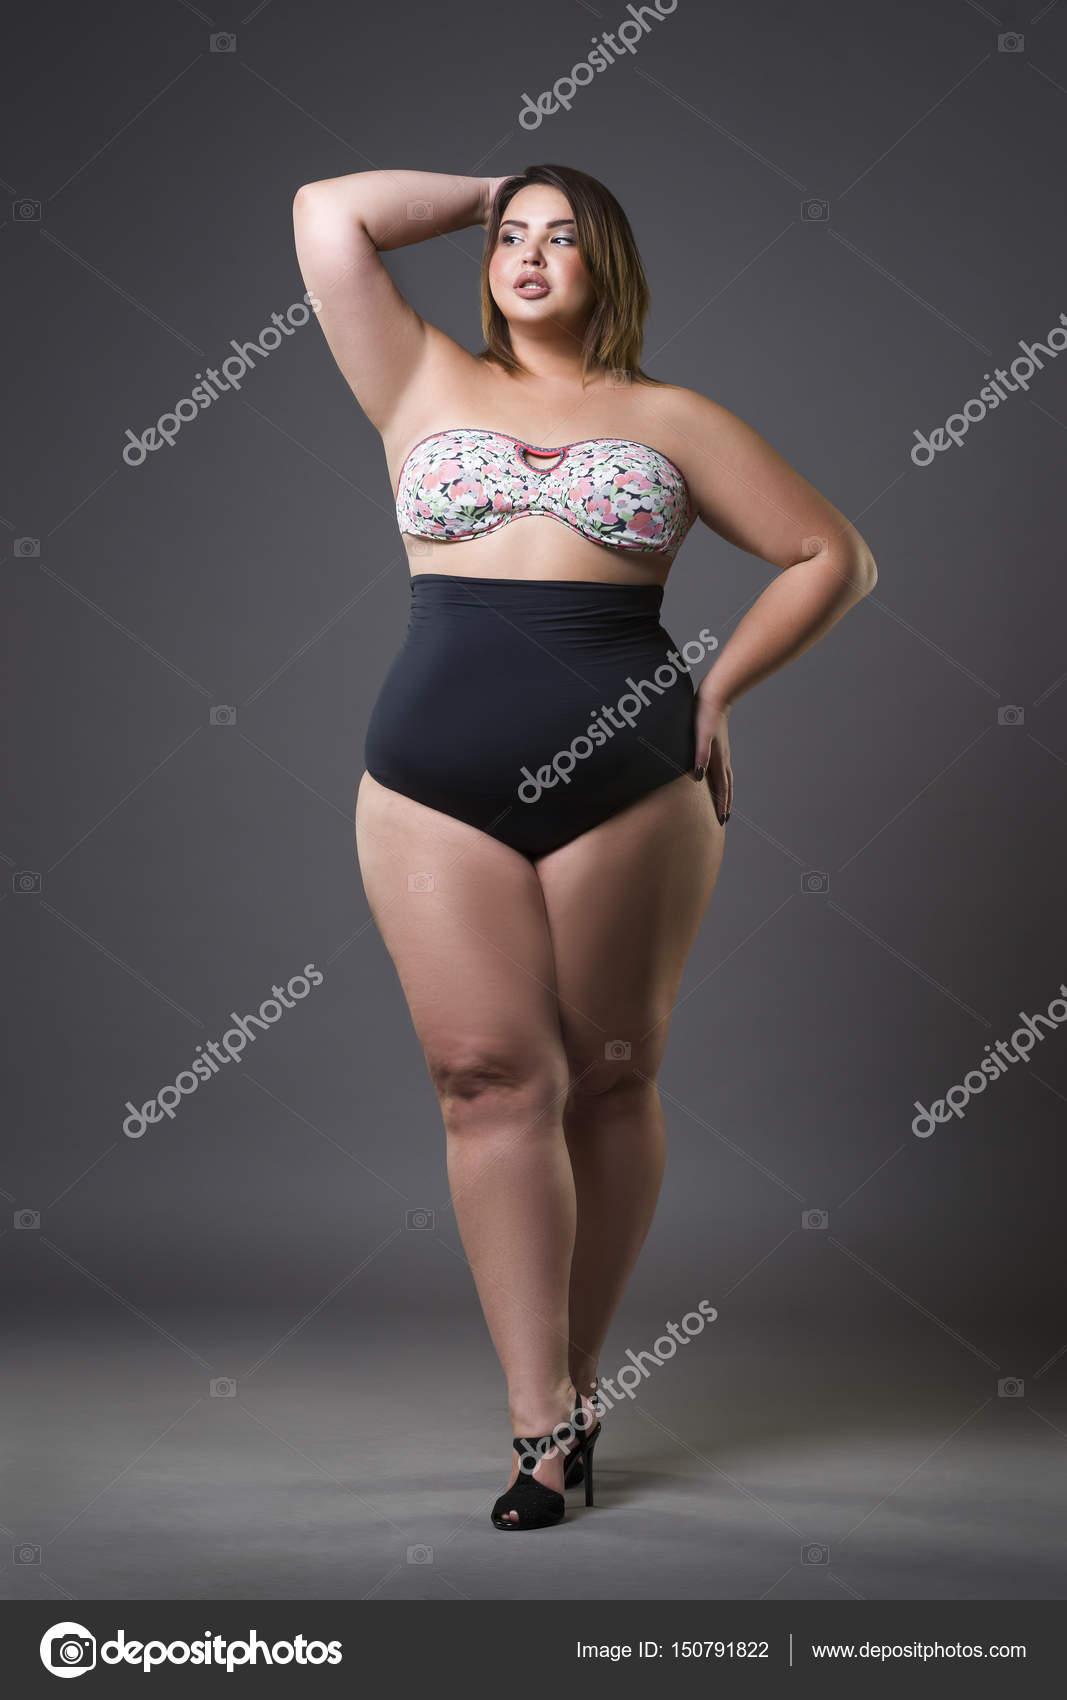 Grosse Femme Sexy Photo plus mannequin taille en maillot de bain sexy, jeune grosse femme